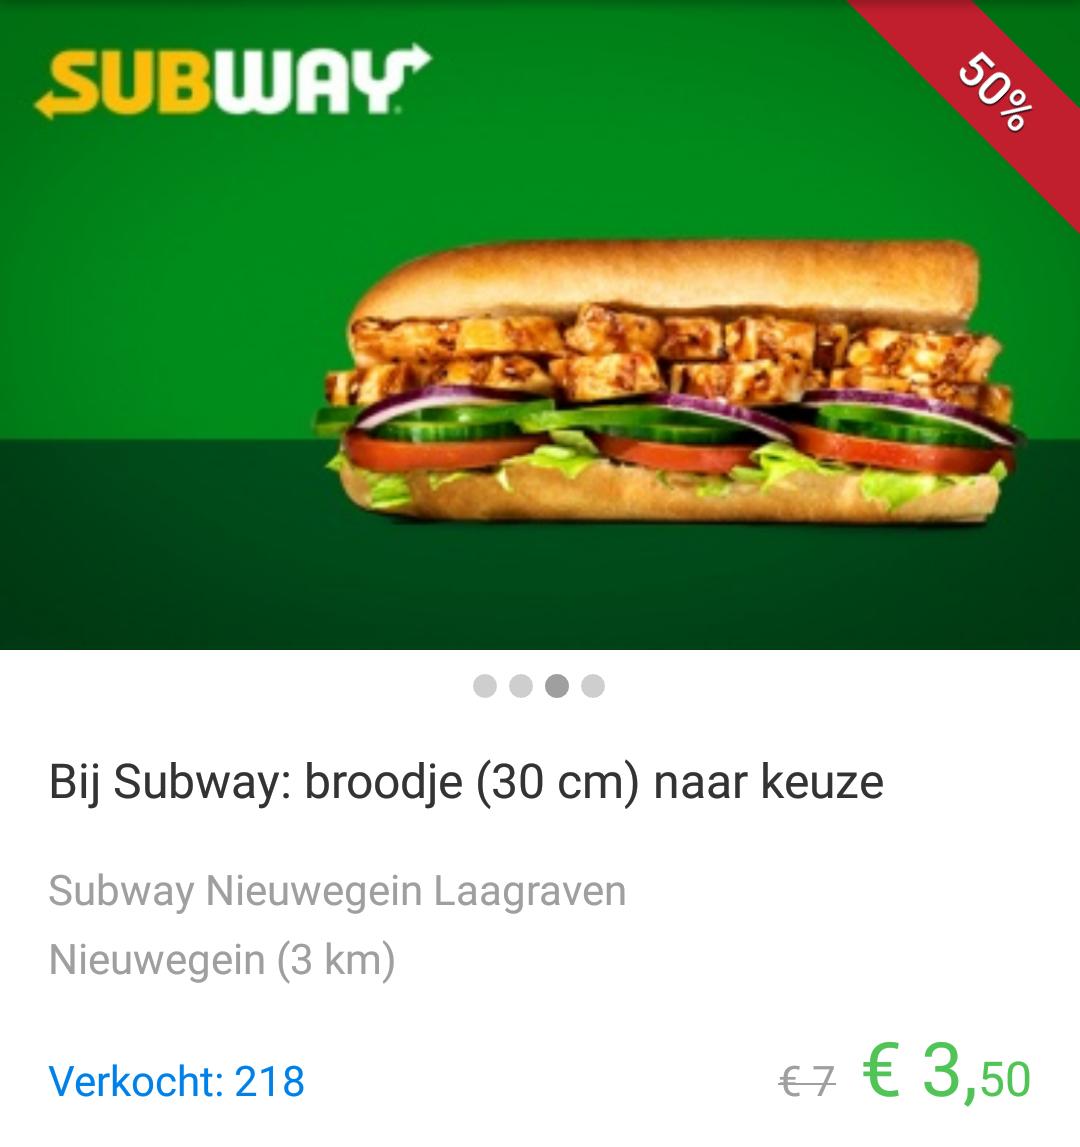 Subway menu voor €4,50 in Winschoten en 30cm Sub voor €3,50 in Nieuwegein (Social deal)